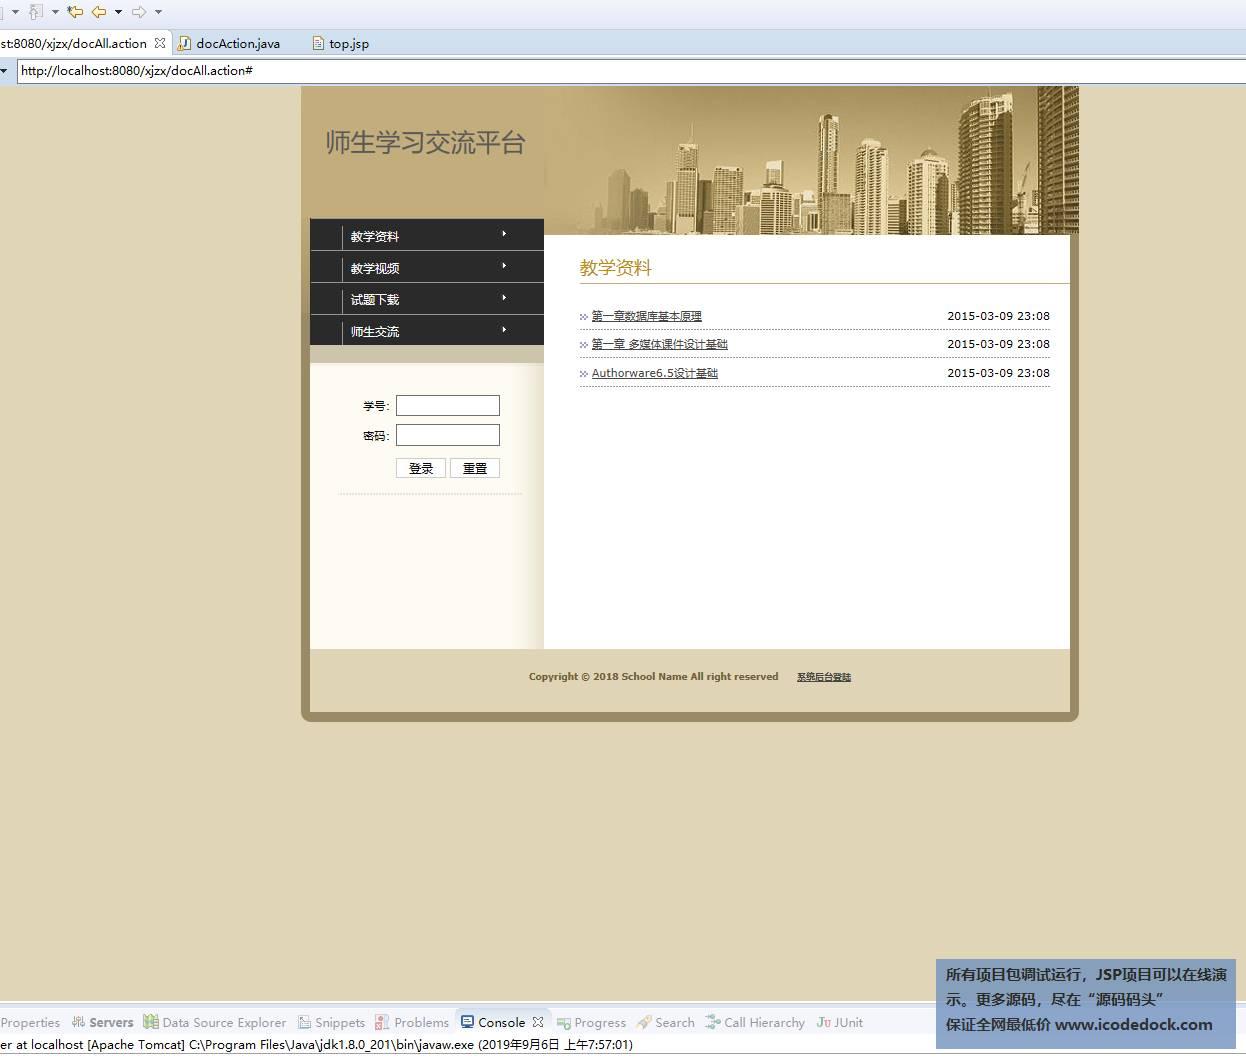 源码码头-JSP师生交流学习管理系统-用户角色-首页